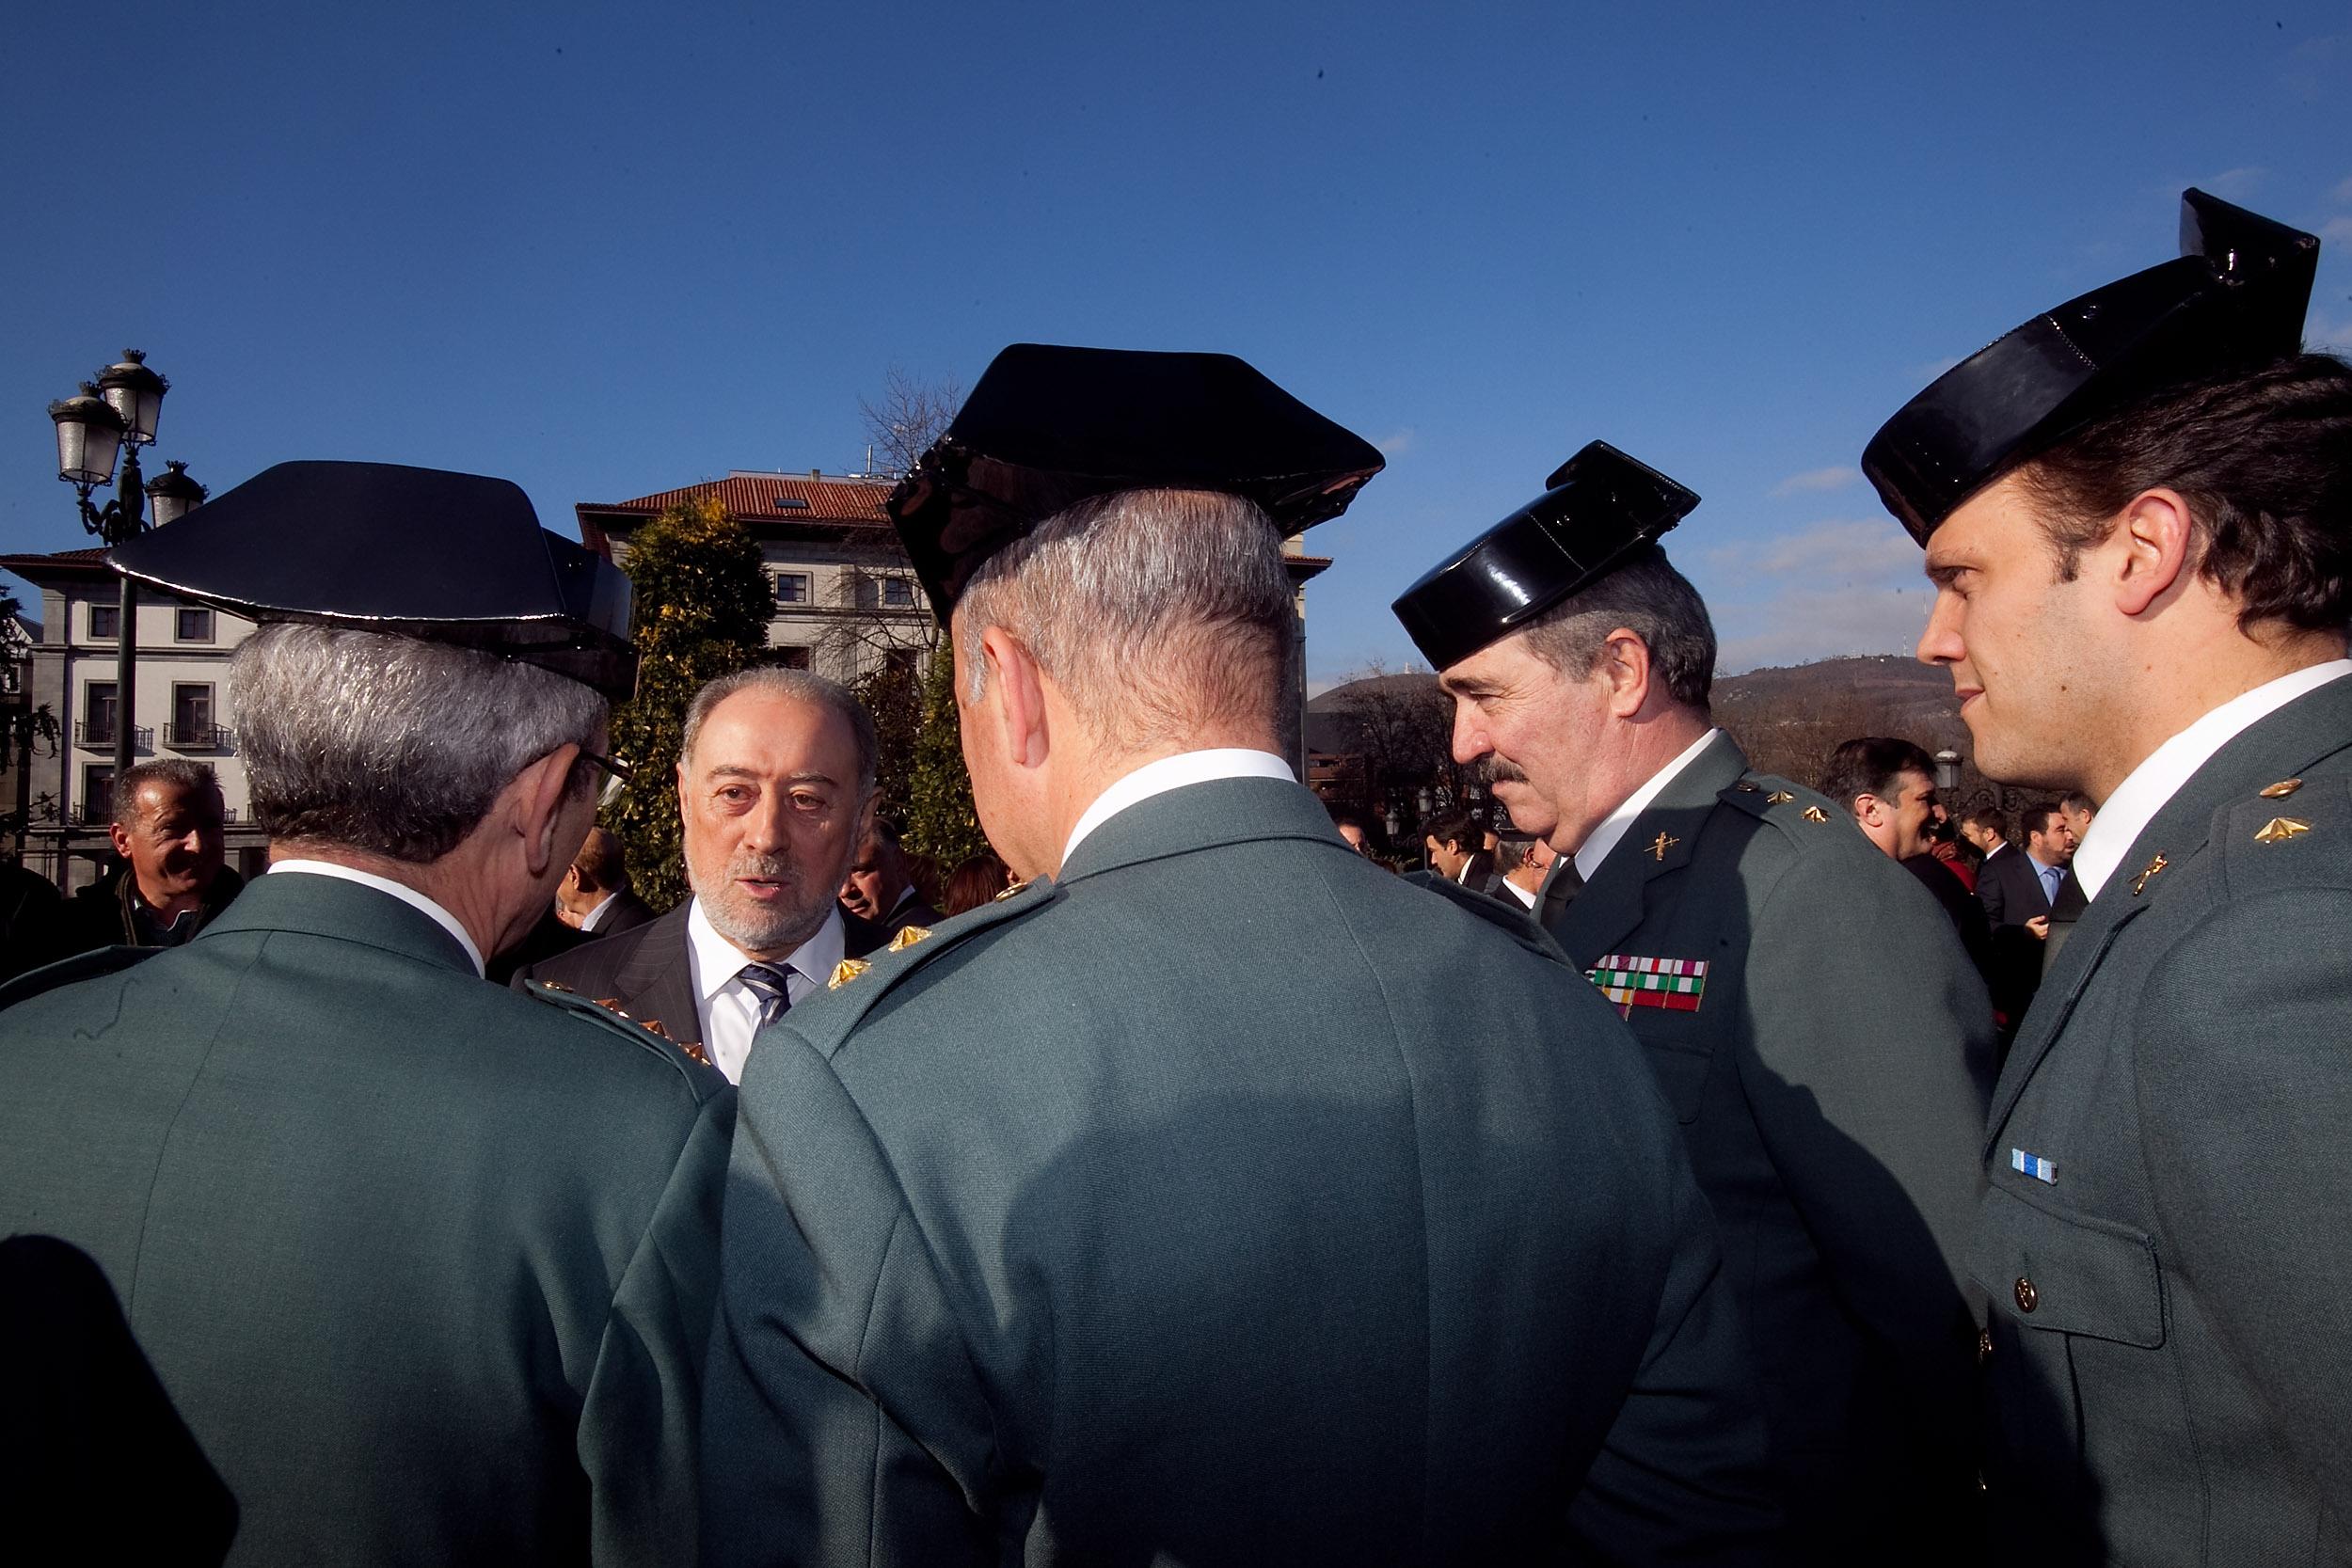 Toma de posesión de Gabino de Lorenzo como delegado del gobierno en Asturias. Enero de 2013. © Miki López/La Nueva España